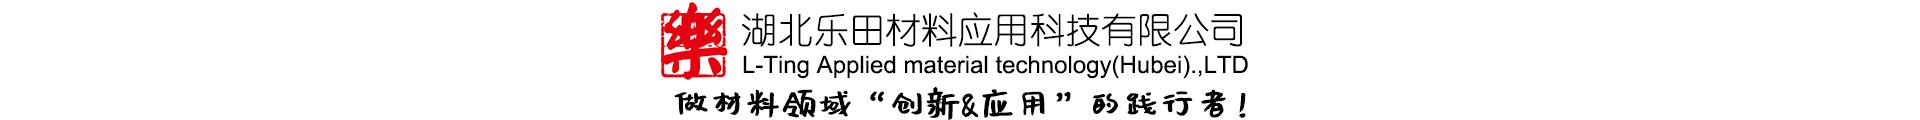 湖北樂田材料應用科技有限公司